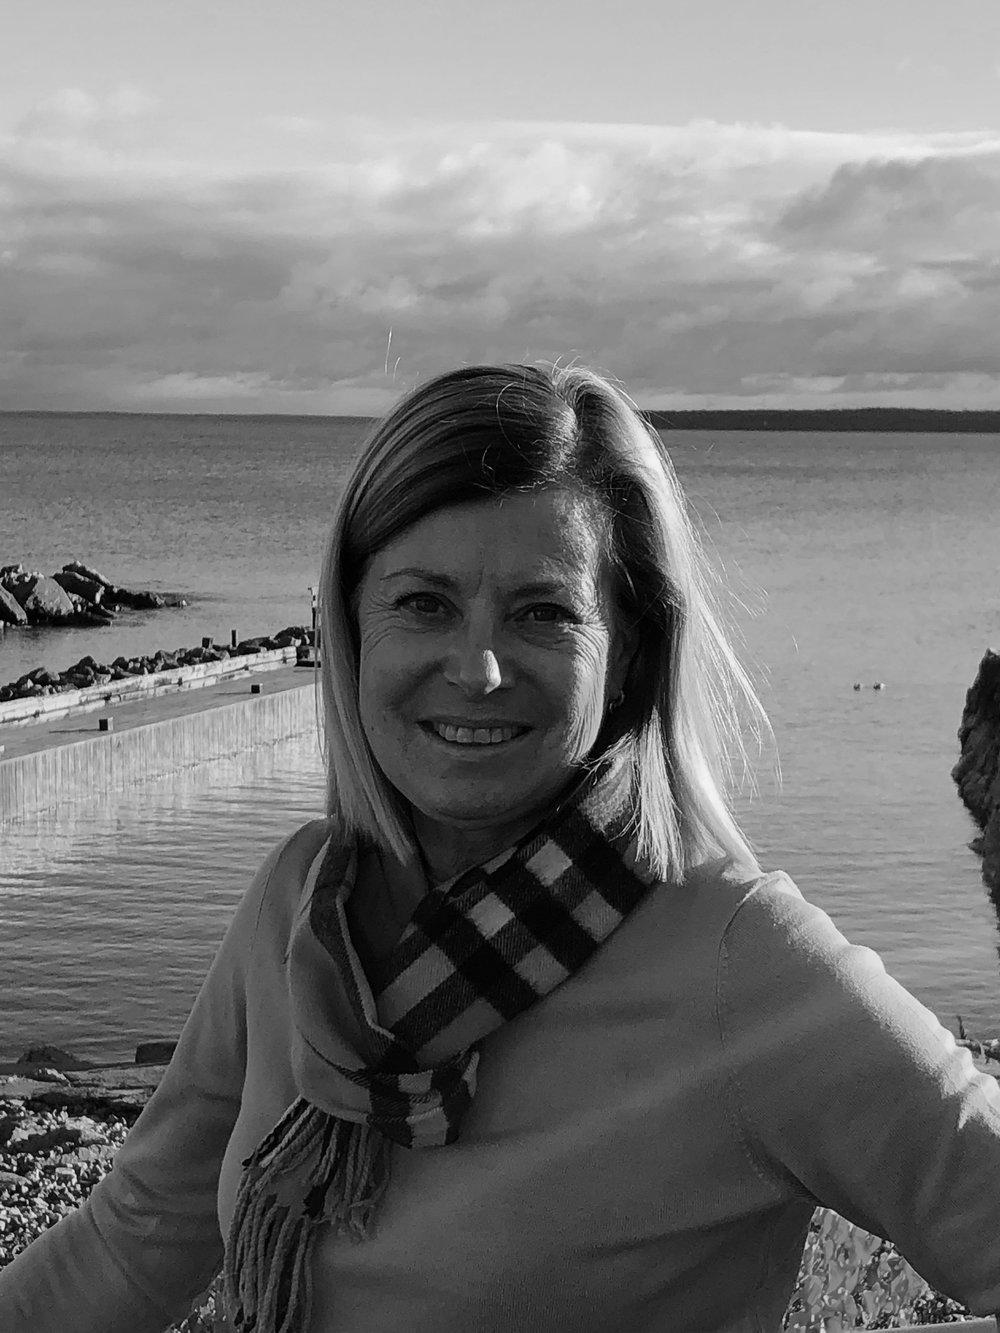 Lena Osseen-Nordberg - Jag heter Lena och finns som volontär på My sangha Känns så härligt att möta alla fina yogisar. Yogan för mig innehåller så mycket, den fysiska utmaningen kombinerat med lugnet och avslappningen. 2004 gick jag min första yogaklass och har sedan dess utövat framför allt vinyasa flow. För övrigt älskar jag hav och natur under årets alla årstider och de aktiviteter som kan utövas. Inredning, matlagning och bakning är andra stora intressen. Hoppas vi ses på My sangha shala